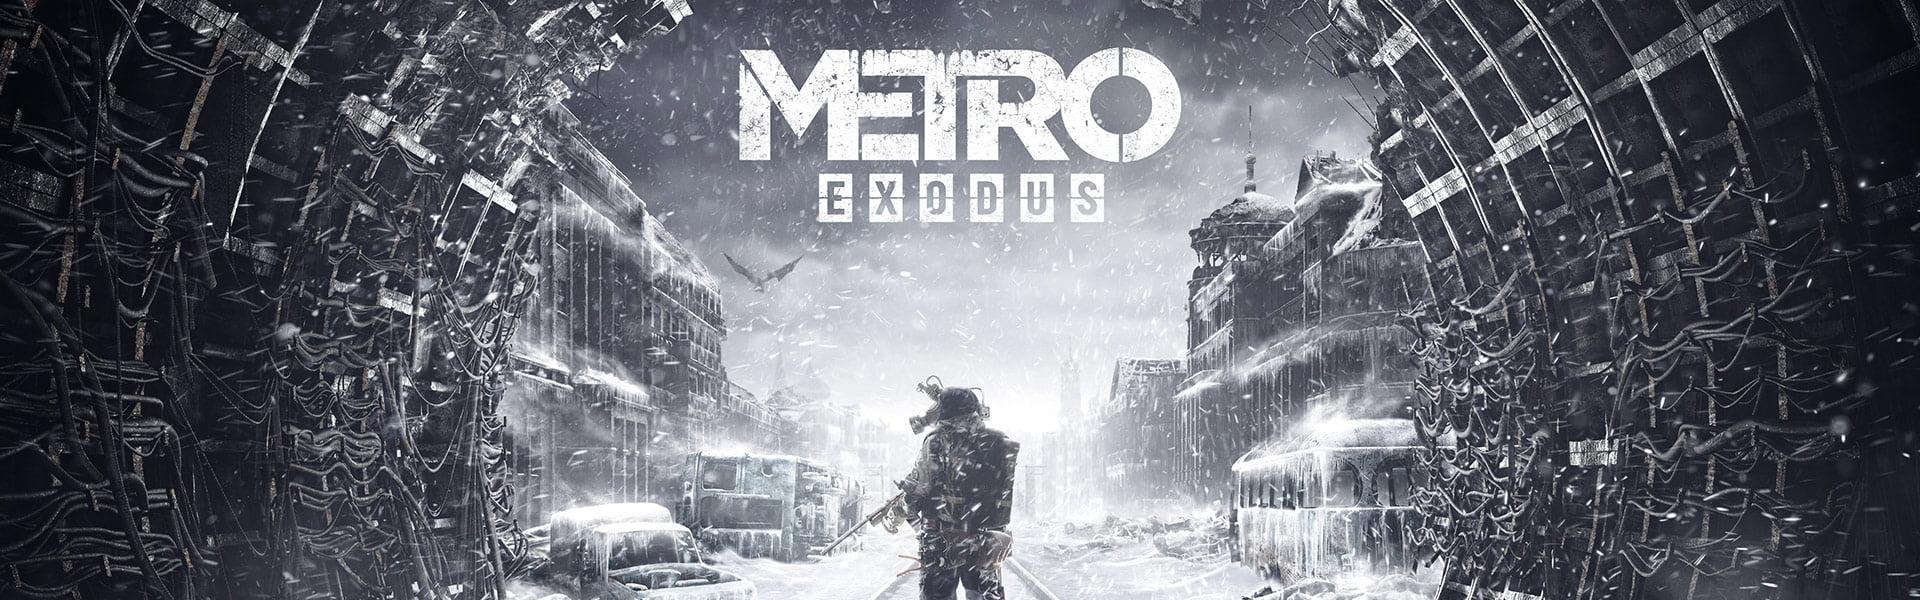 Metro Exodus sprzedaje się dużo lepiej niż Last Light i dostaje tryb New Game Plus 29